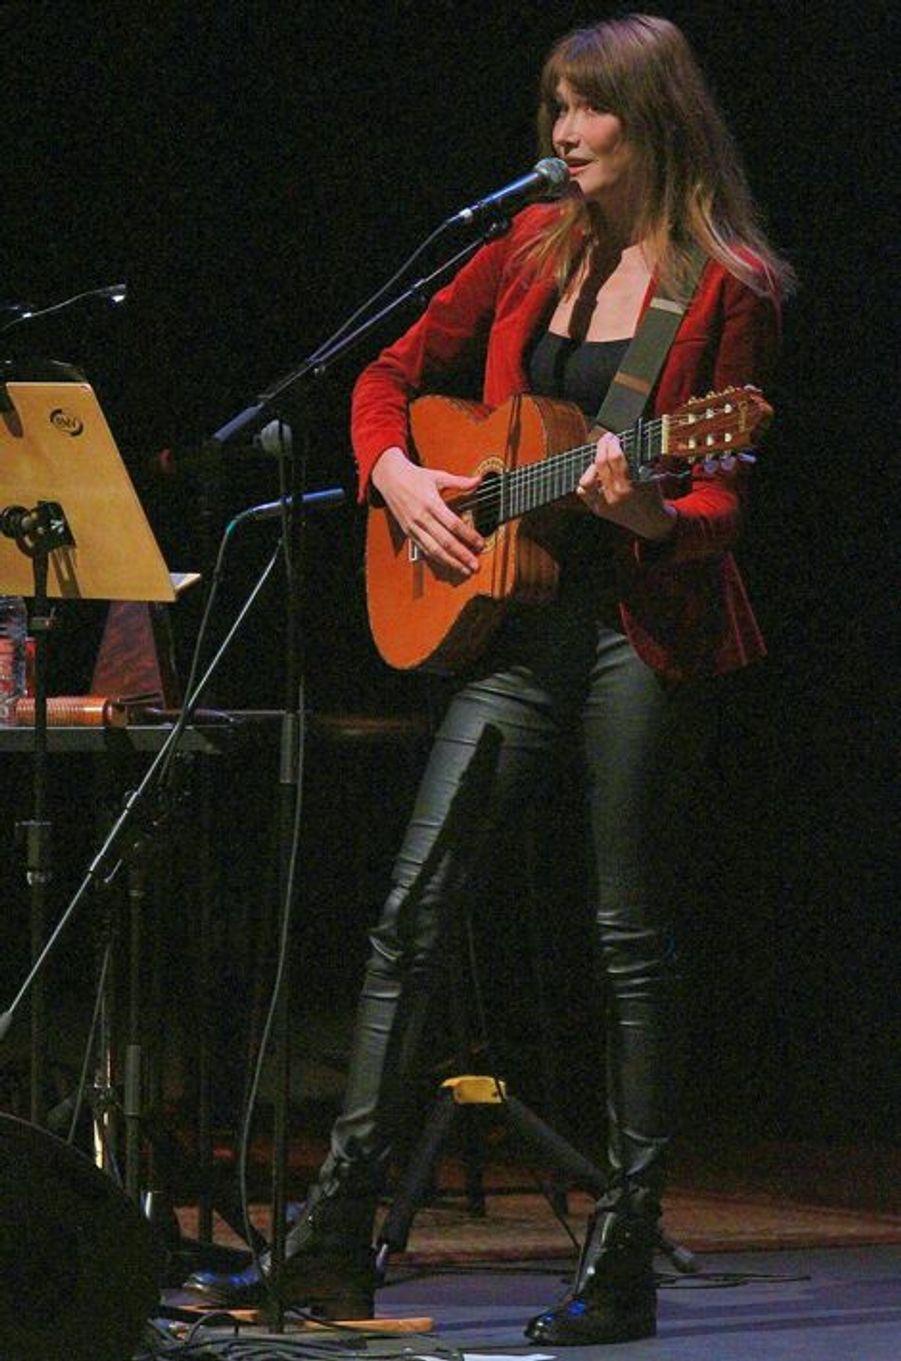 Carla Bruni-Sarkozy lors de son concert à Sao Paulo au Brésil le 26 août dernier.